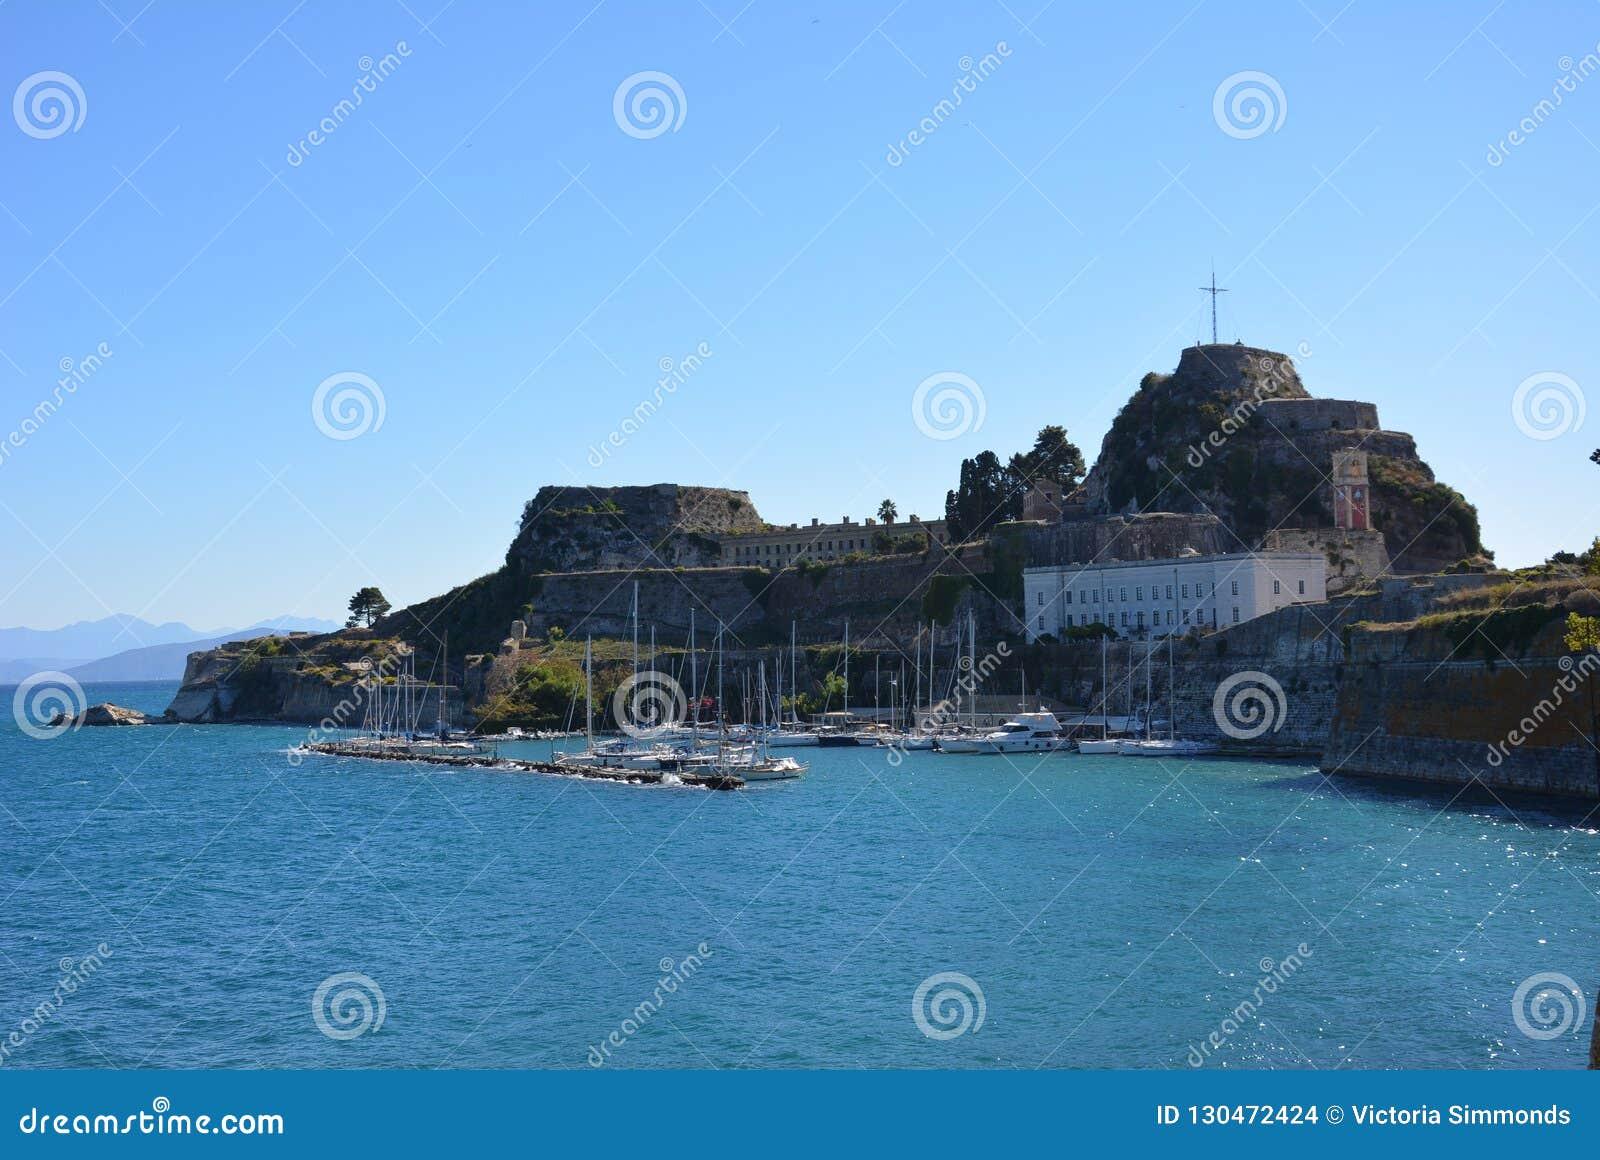 Vieille forteresse, ville de Corfou